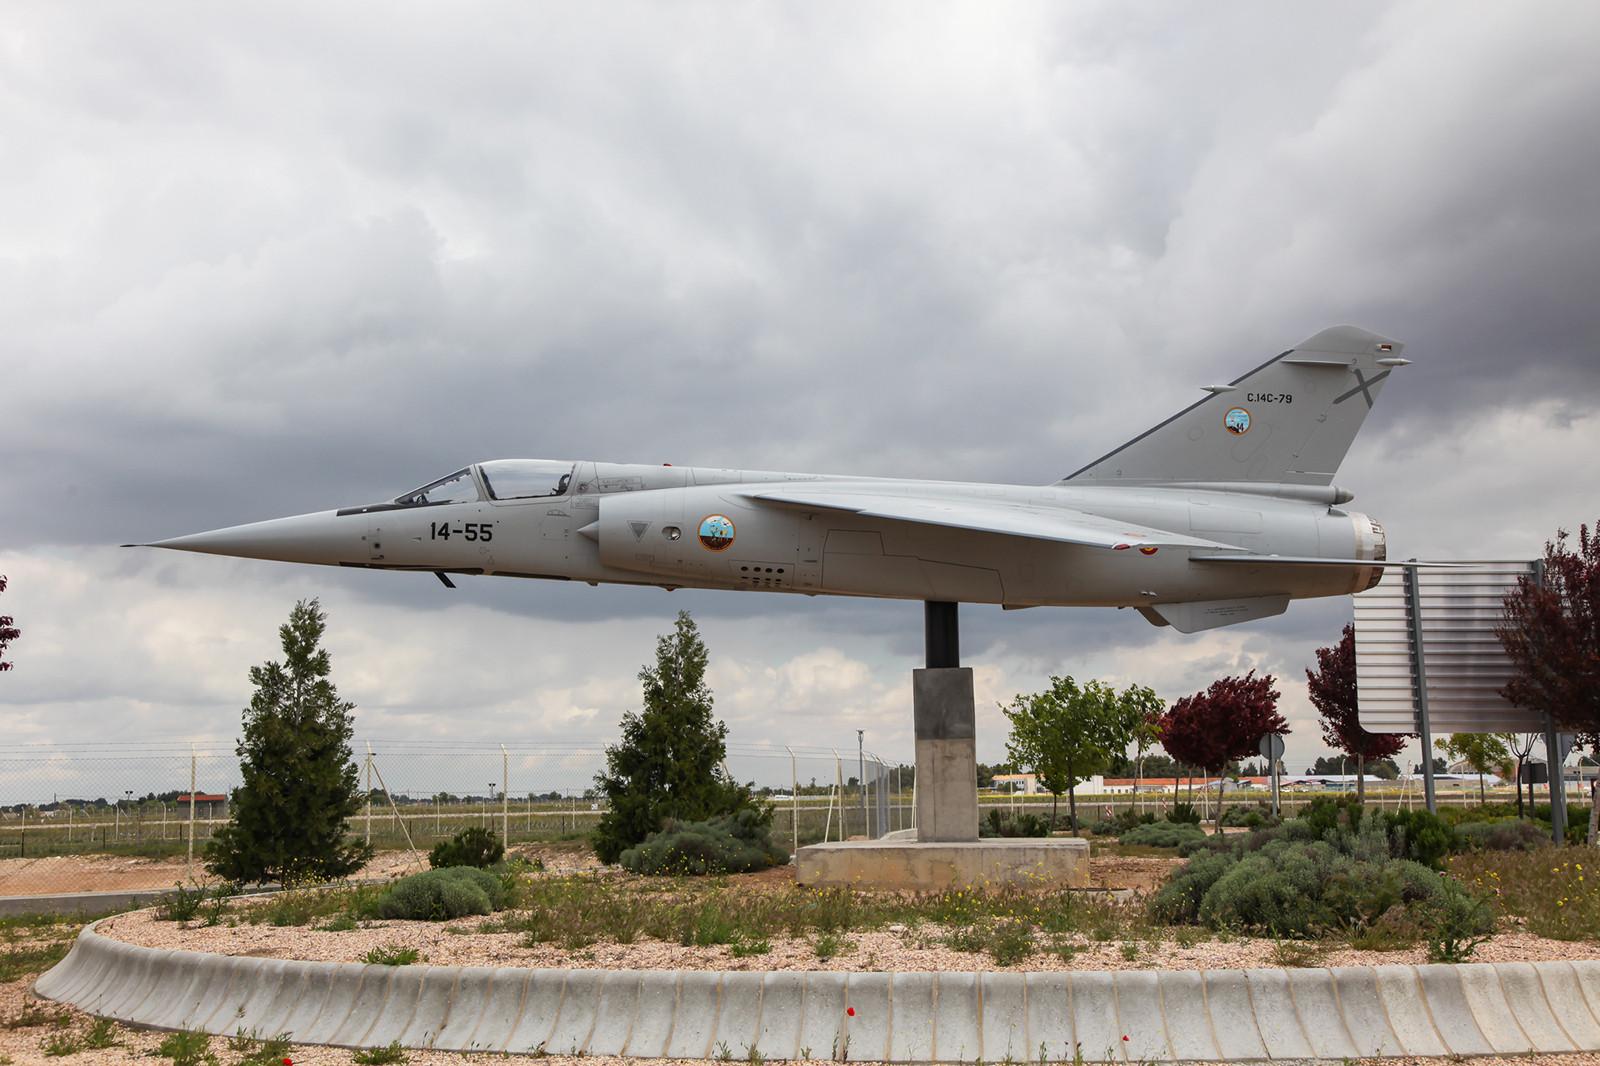 """Am Zivilteil des Flughafens von Albacete findet man die """"C.14-79"""". Sie ist eine der zehn F-1EDA, die aus Qatar übernommen wurden."""